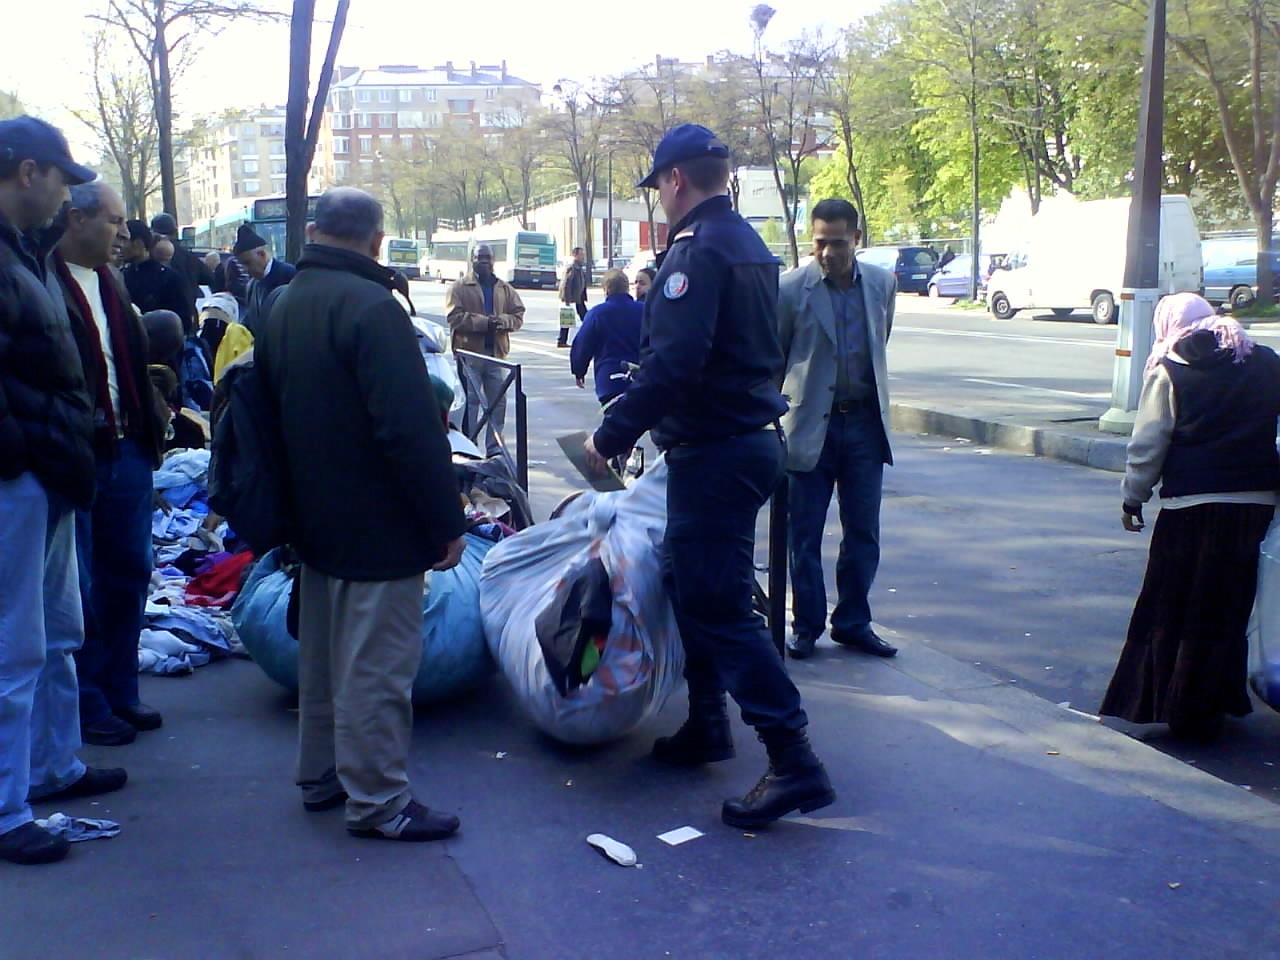 3. Saisie de marchandise, Porte Montmartre (Milliot 2009)